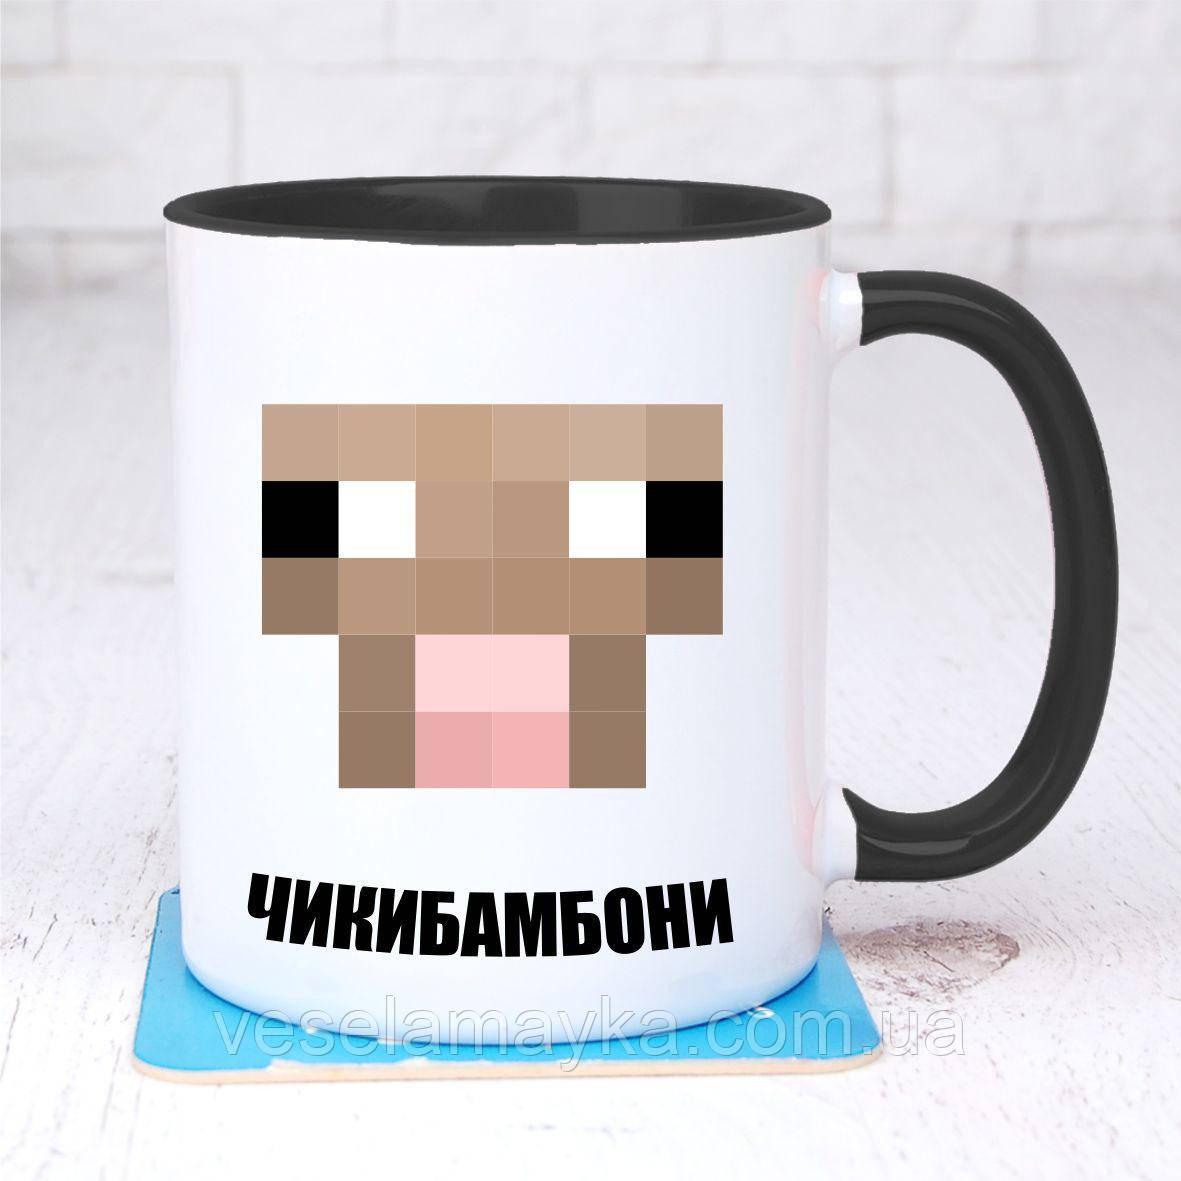 Чашка Чикибамбони